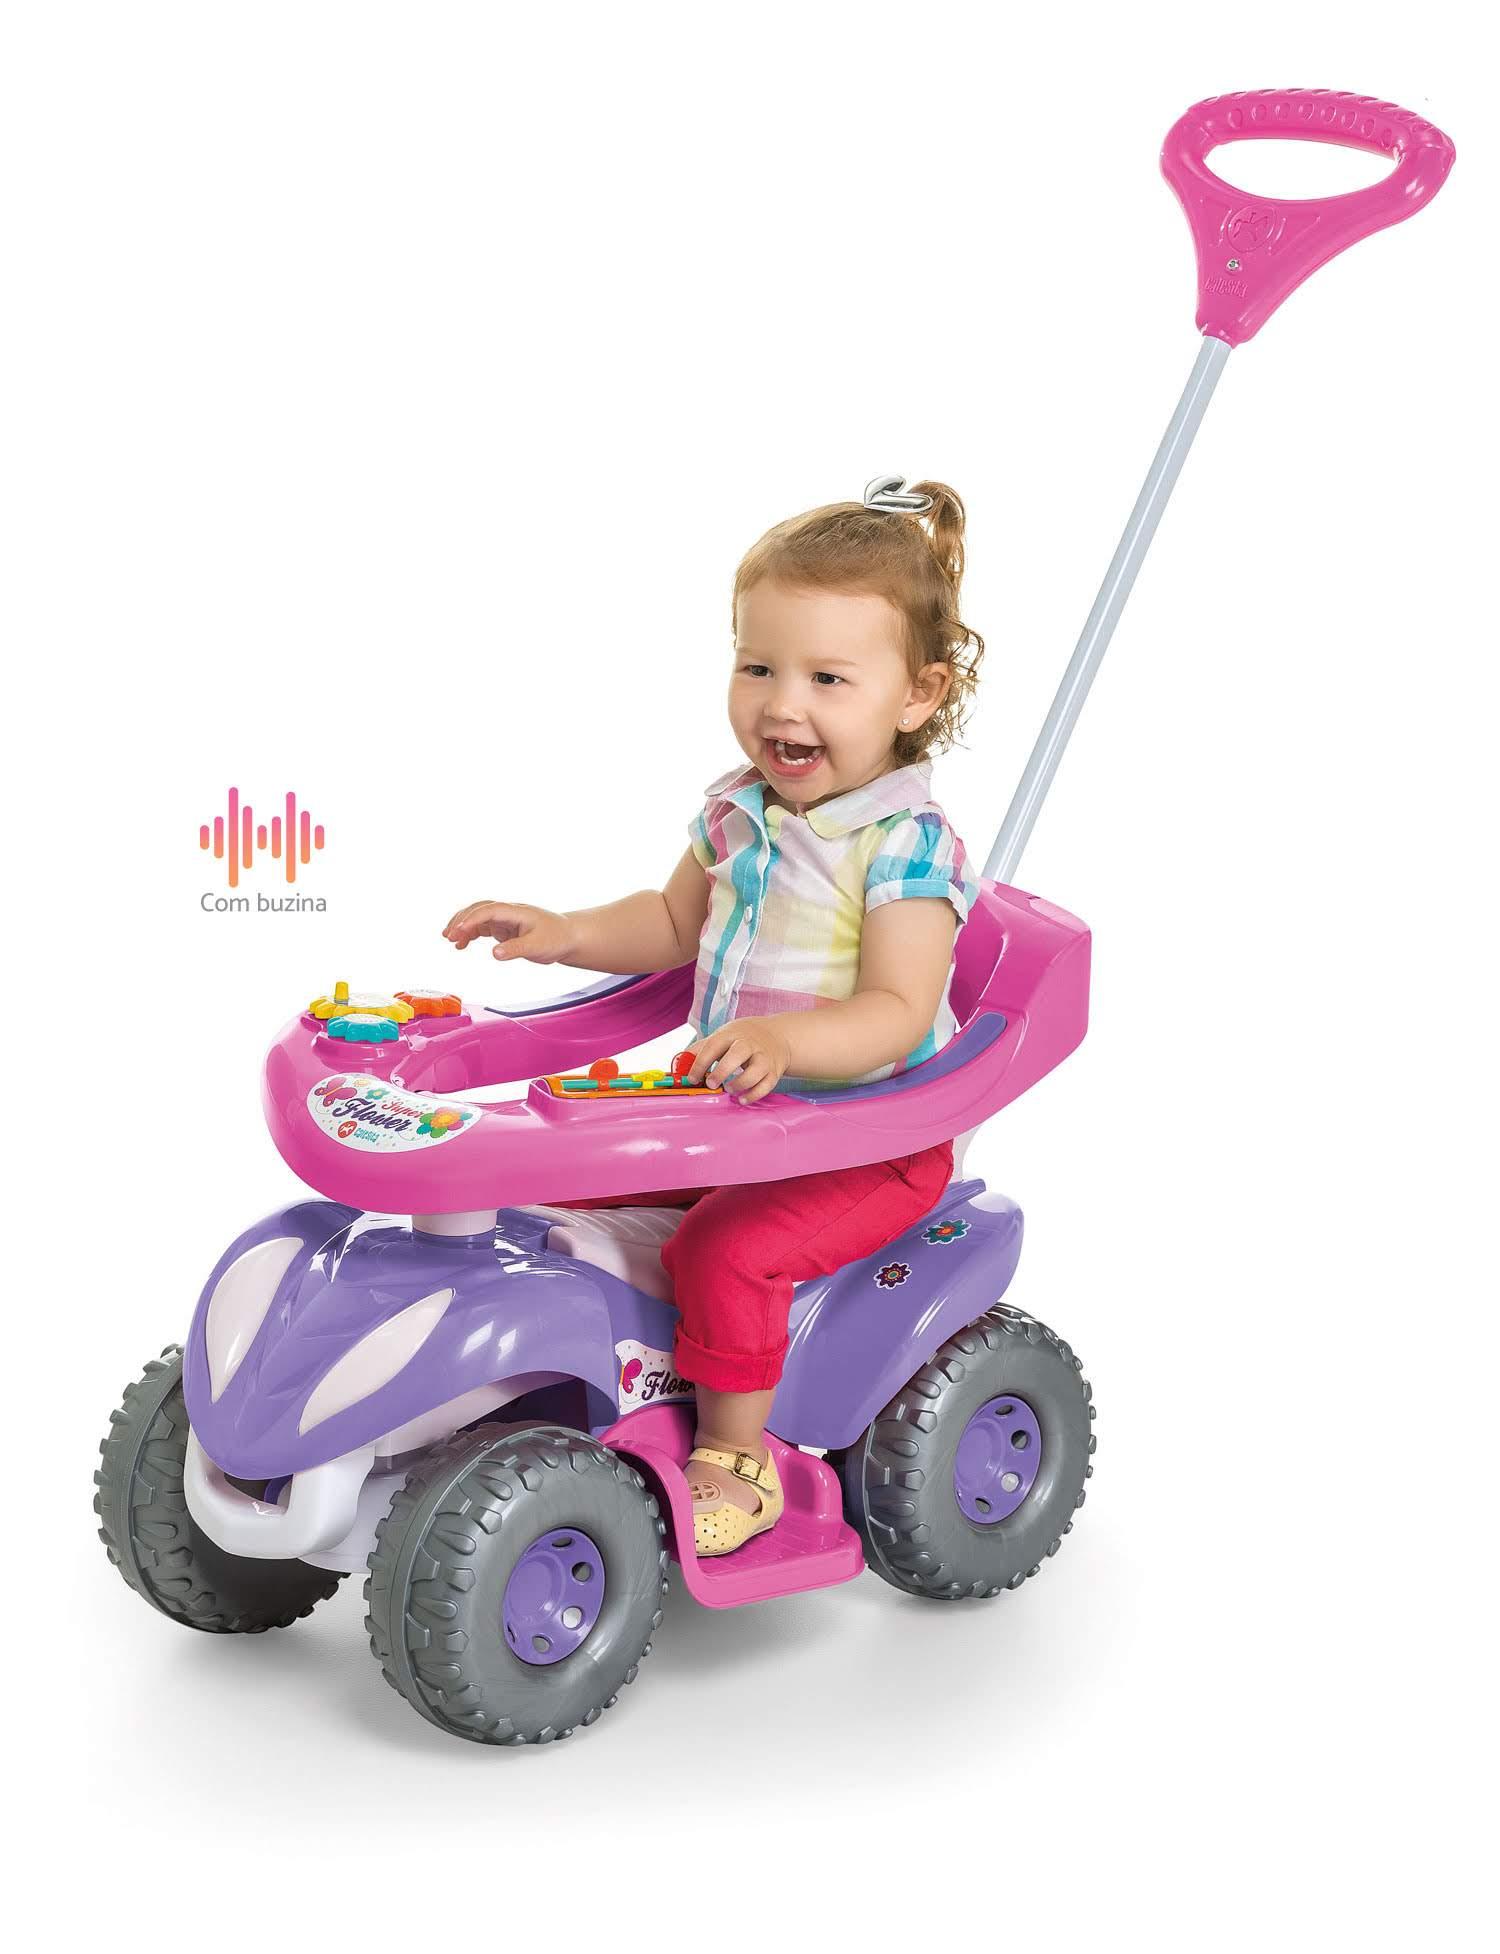 Carrinho De Passeio Flower Quadriciclo Infantil Calesita